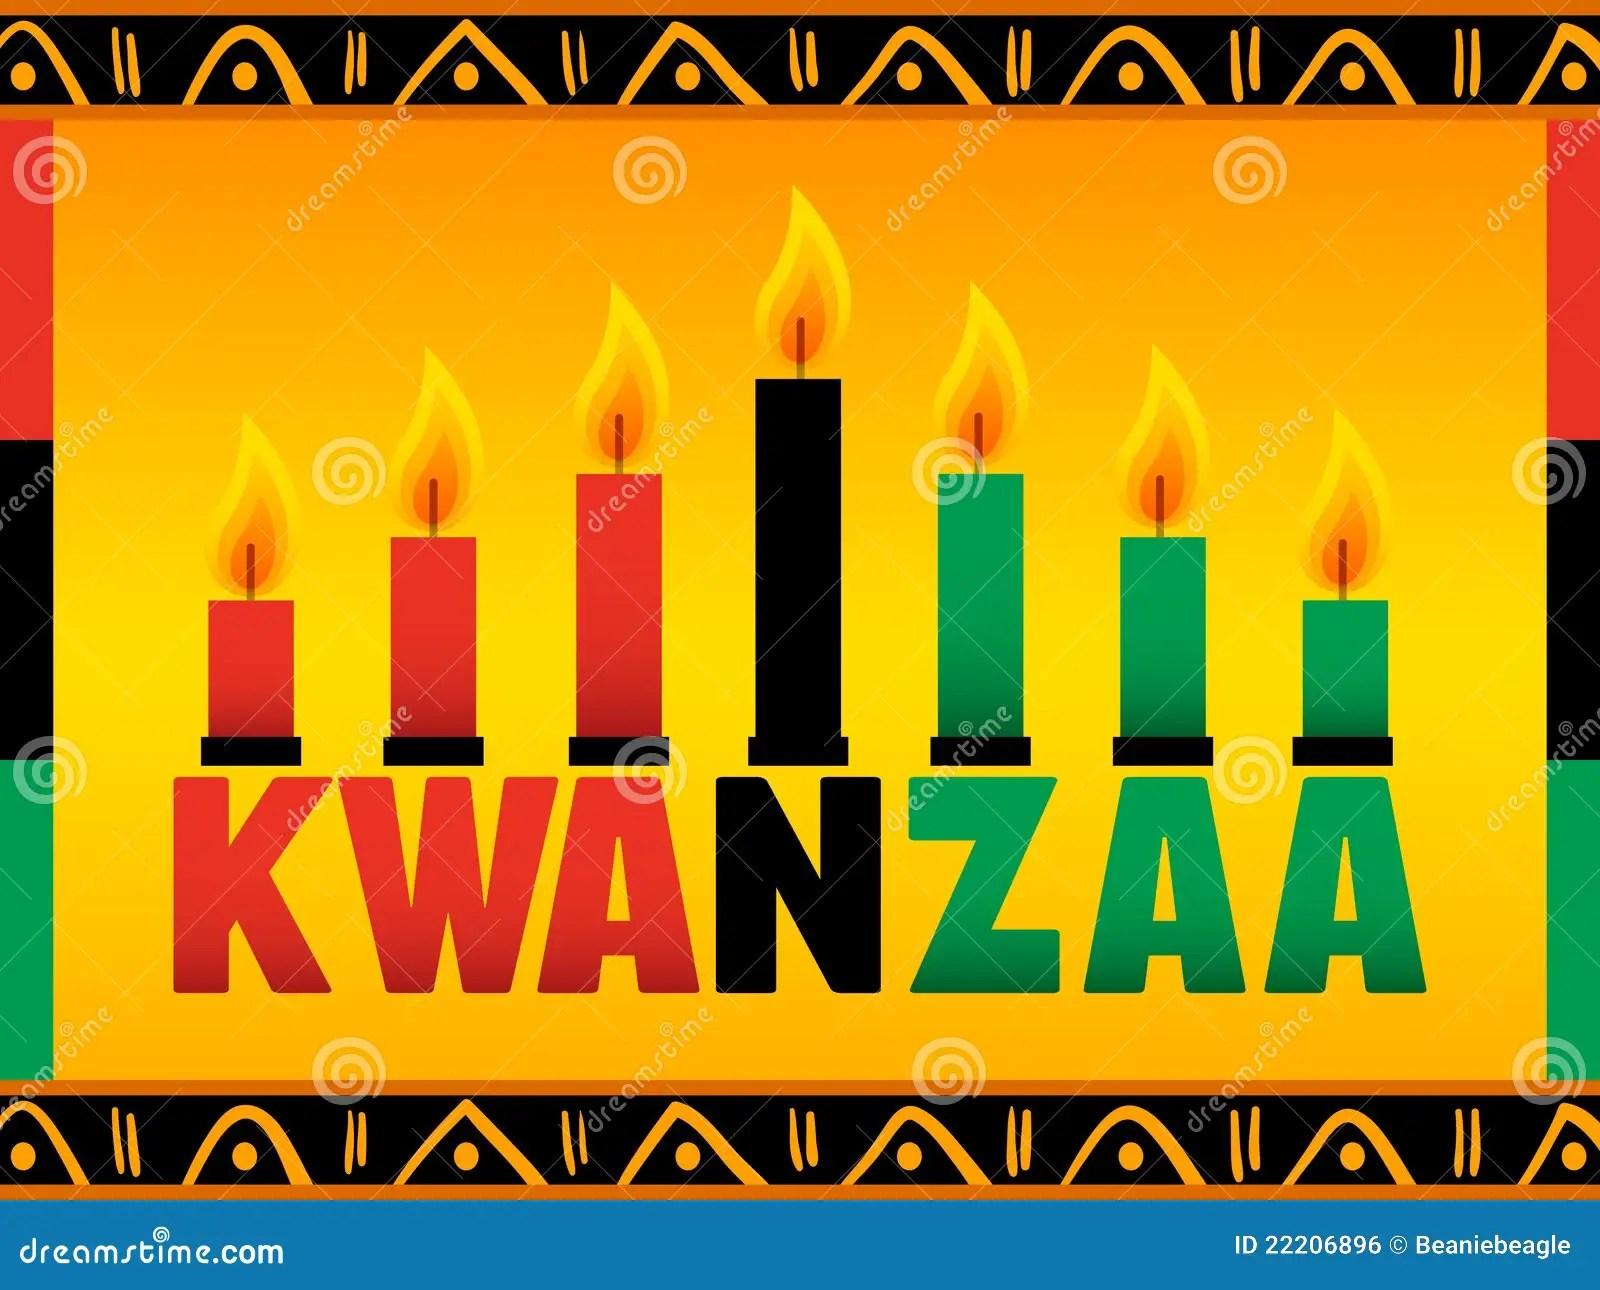 Kwanzaa Stock Vector Image Of Holiday Seasonal Kwanzaa